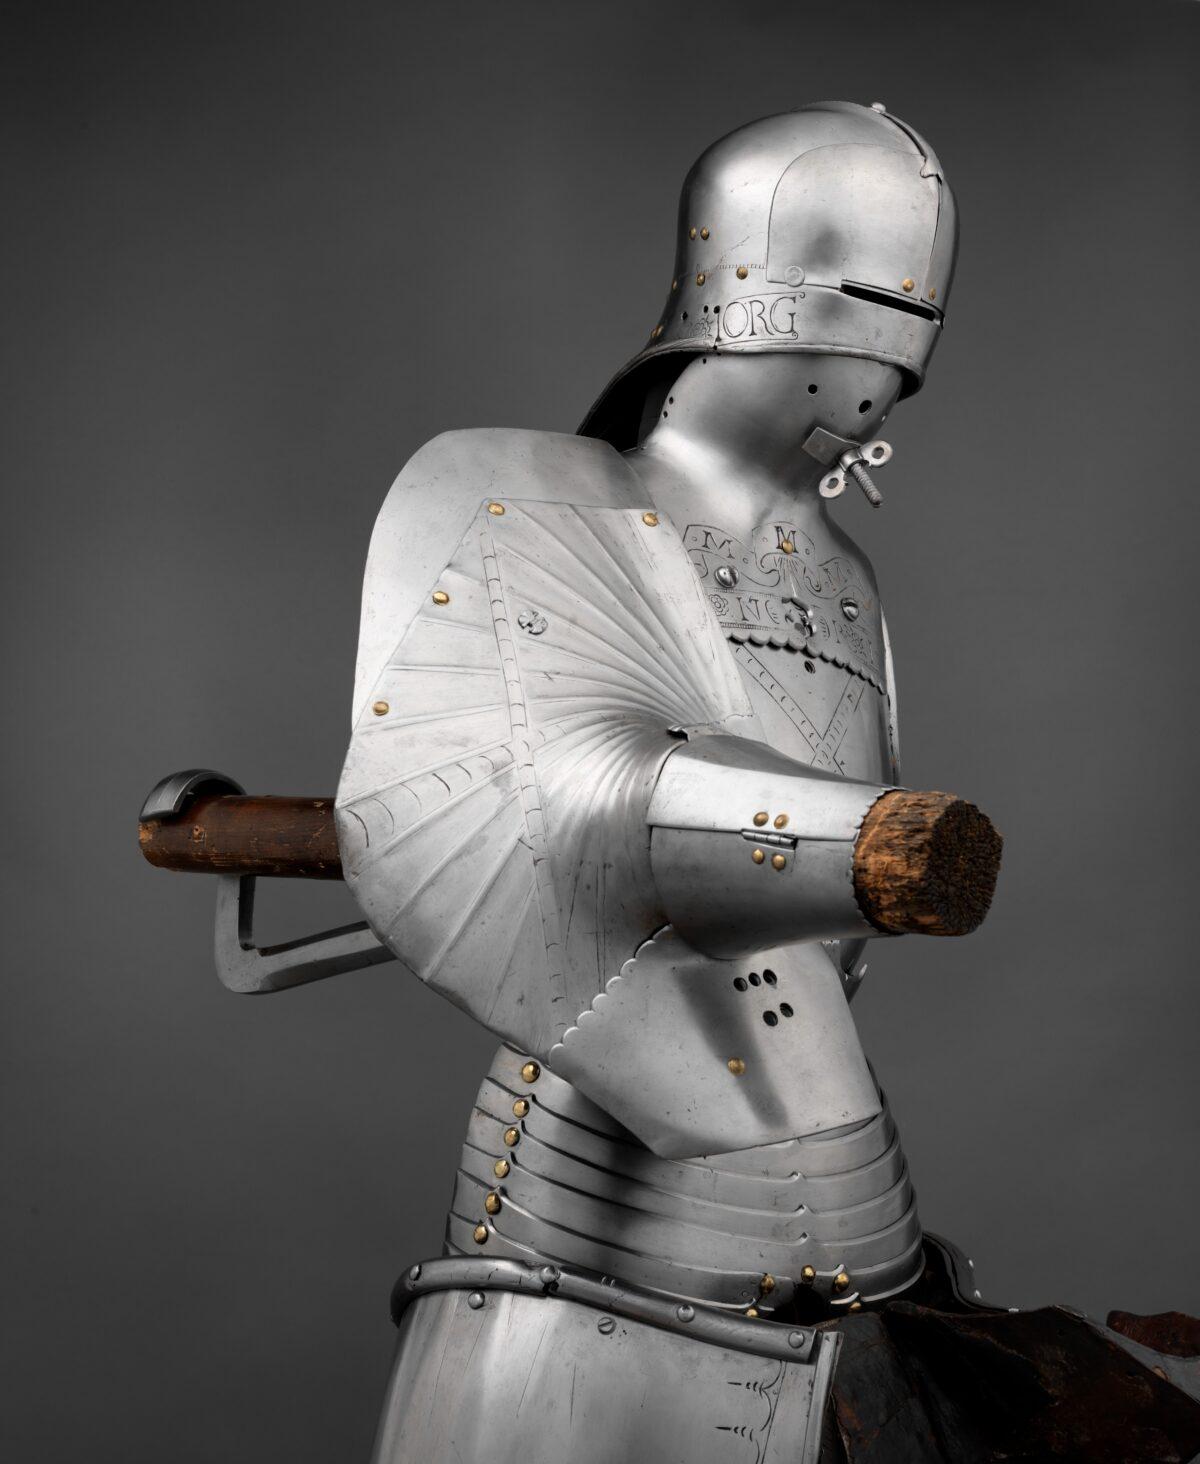 inventive armor